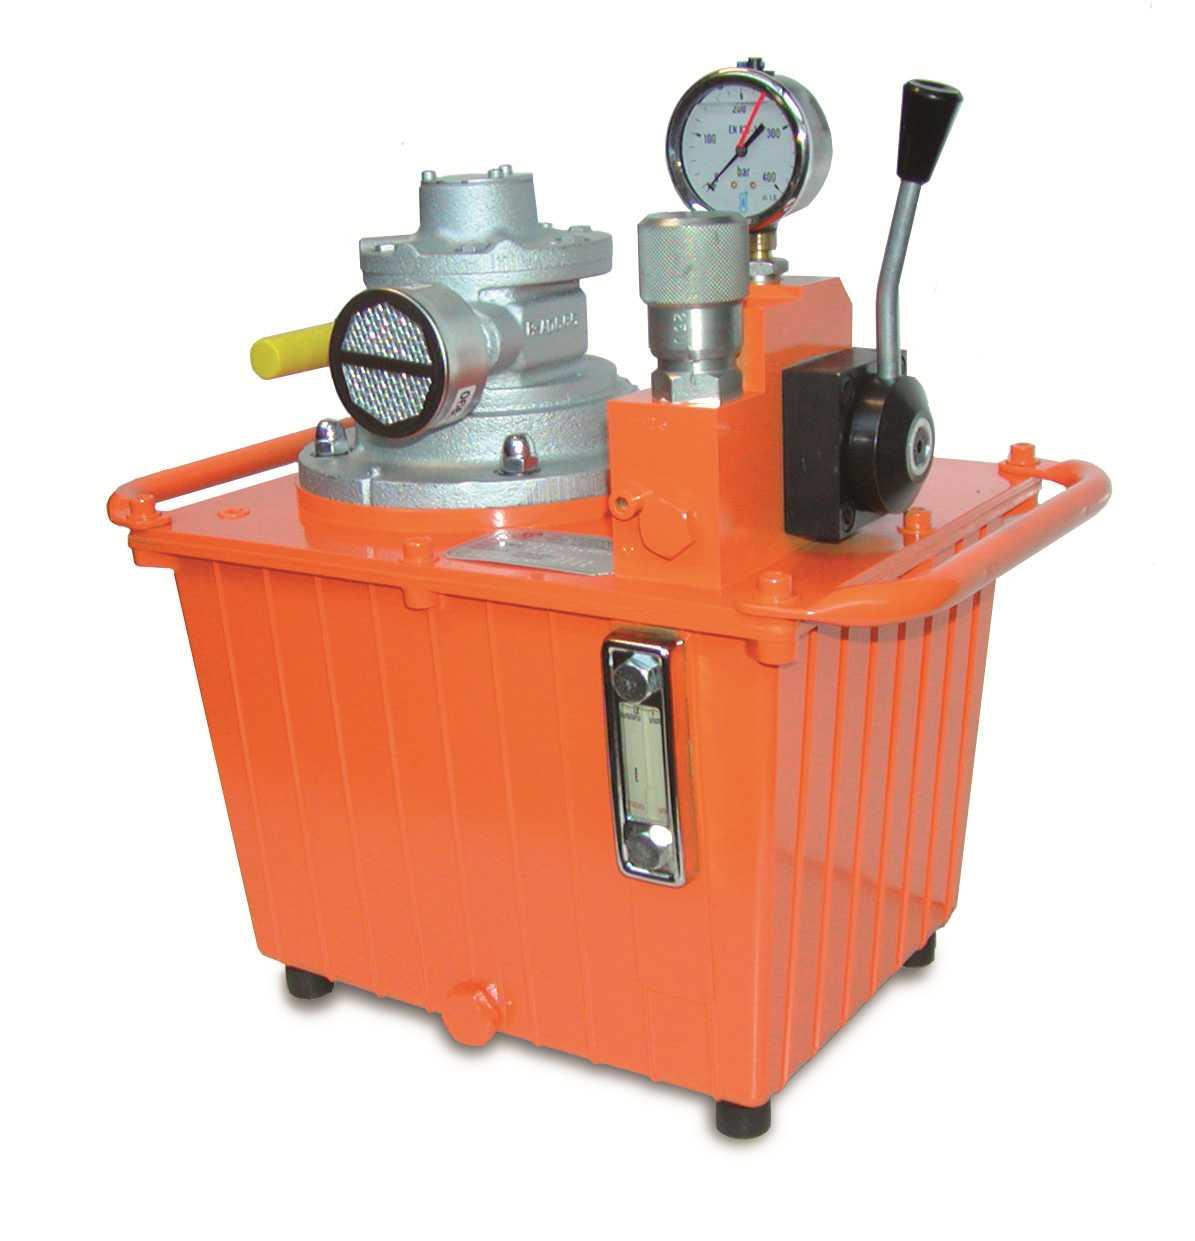 Centrale hydraulique moteur pneumatique PN.153